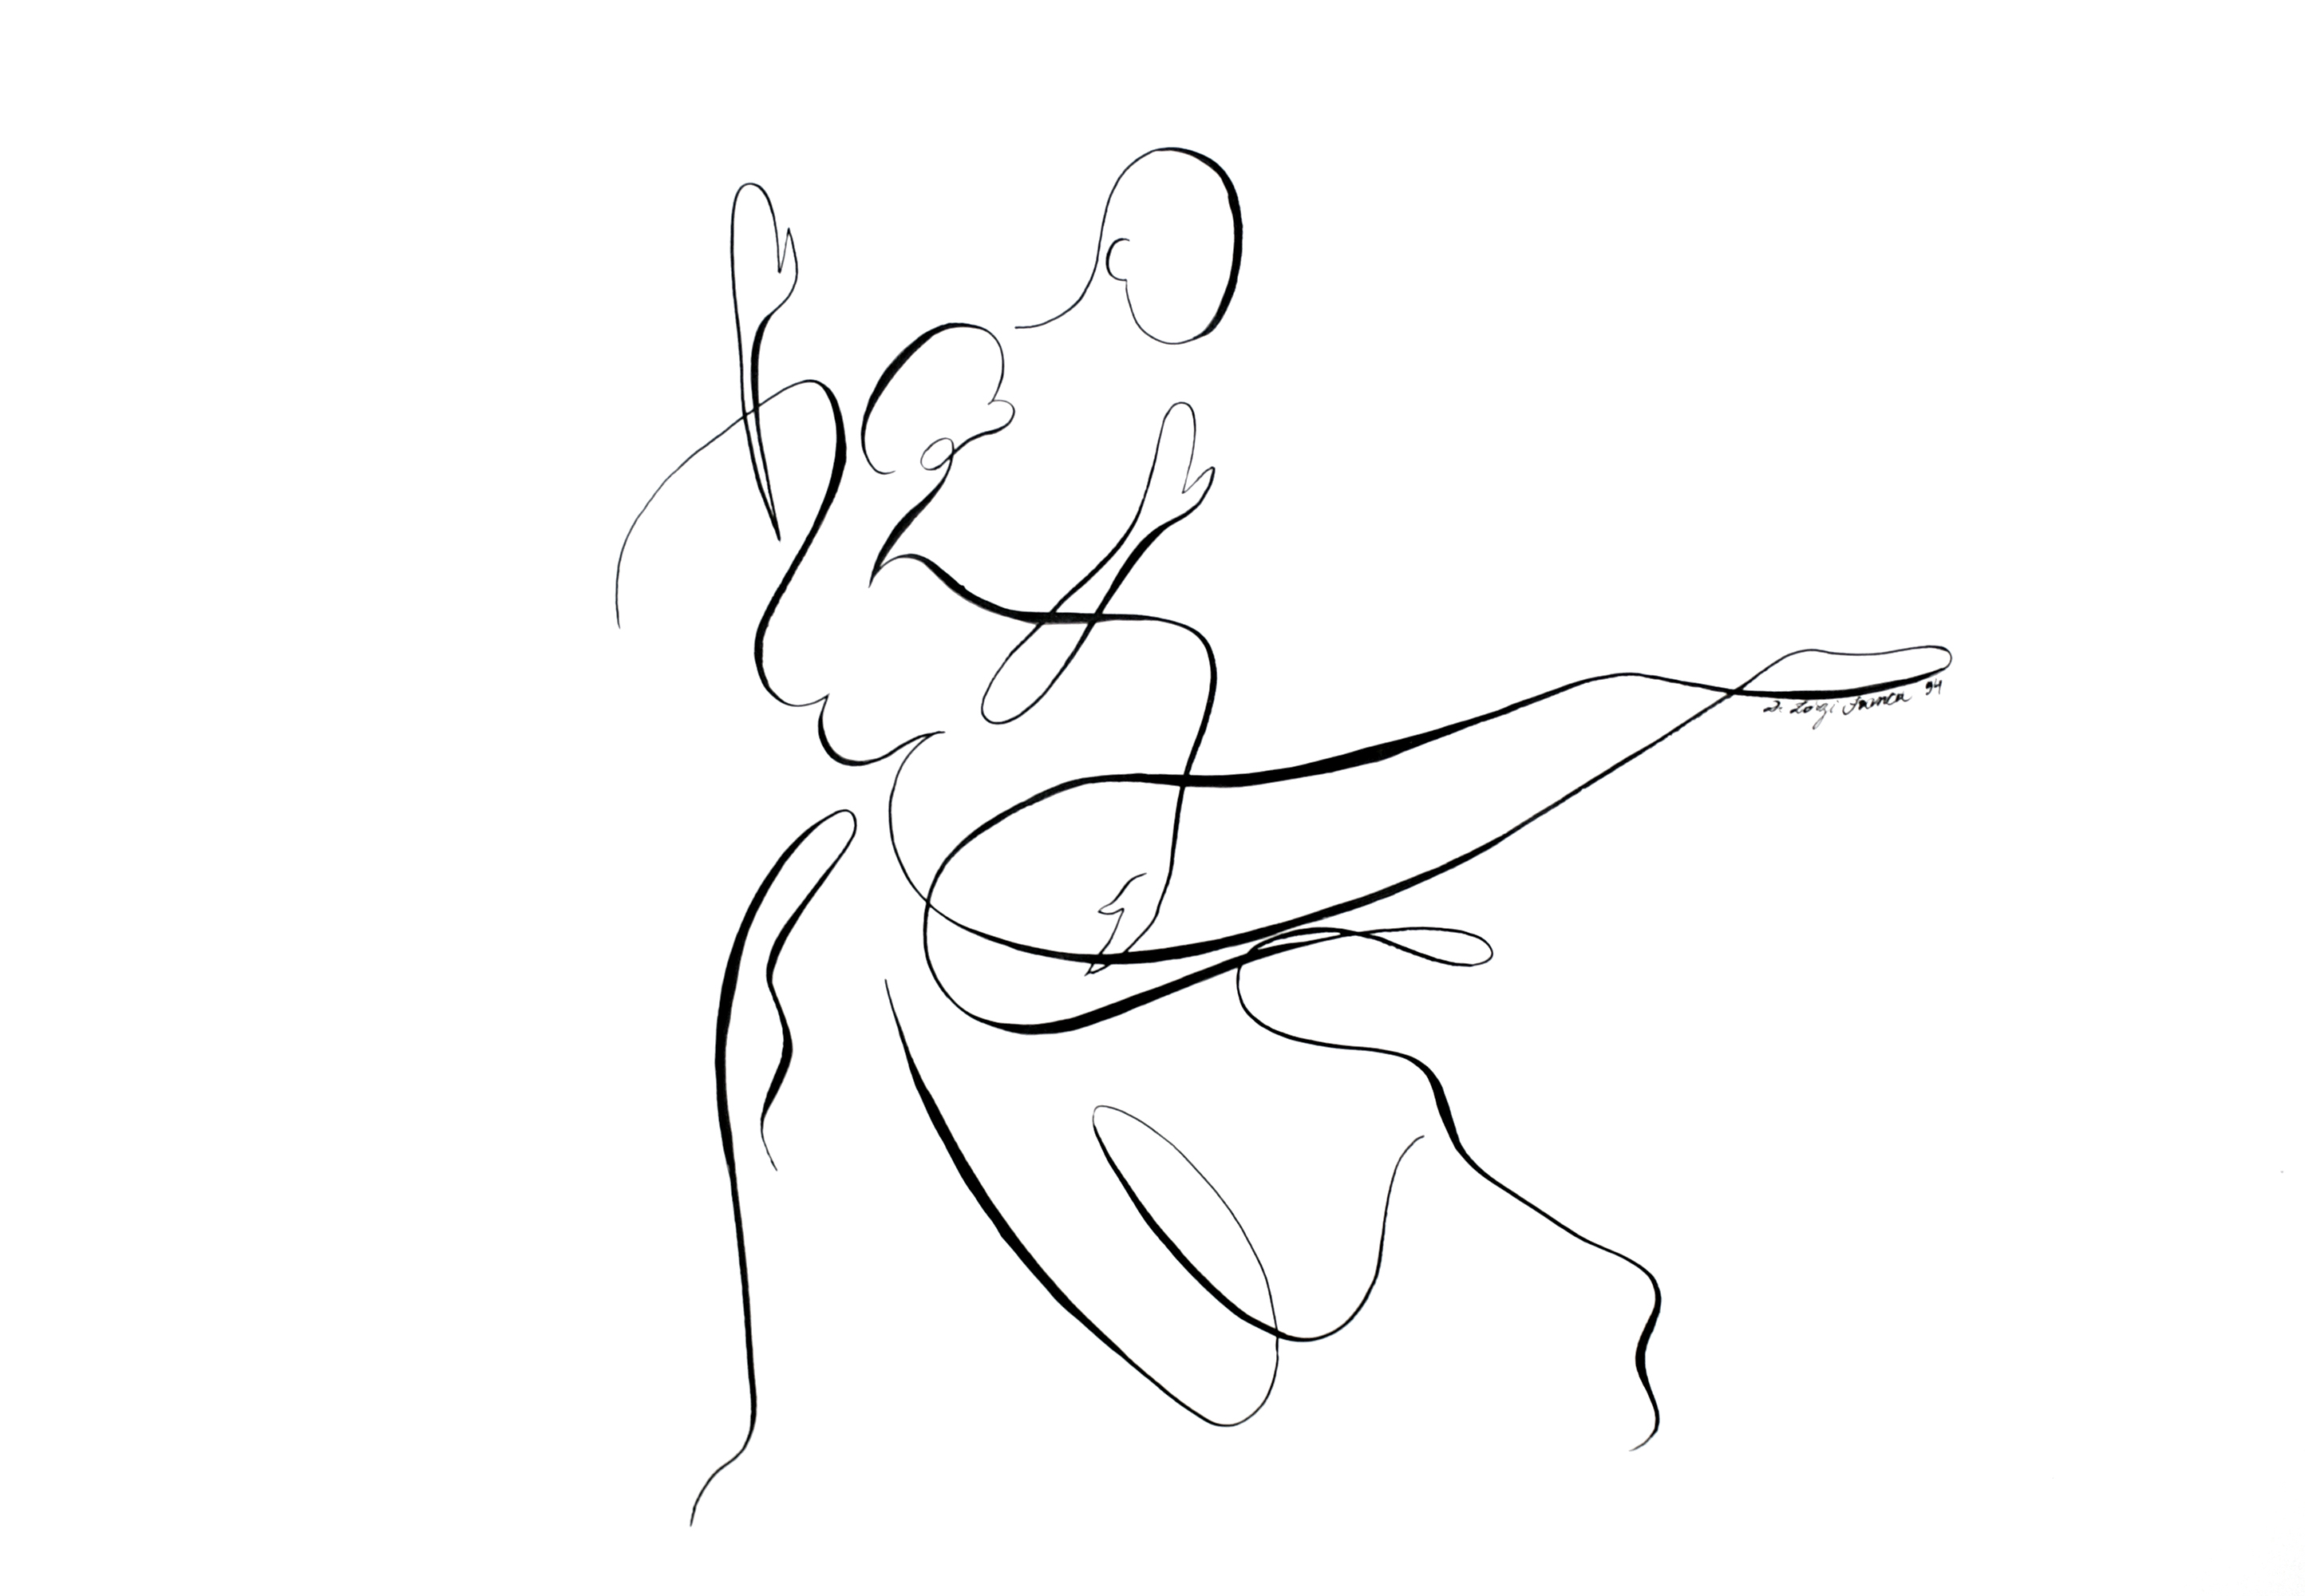 Les danseurs n°2 (oeuvre n°46)